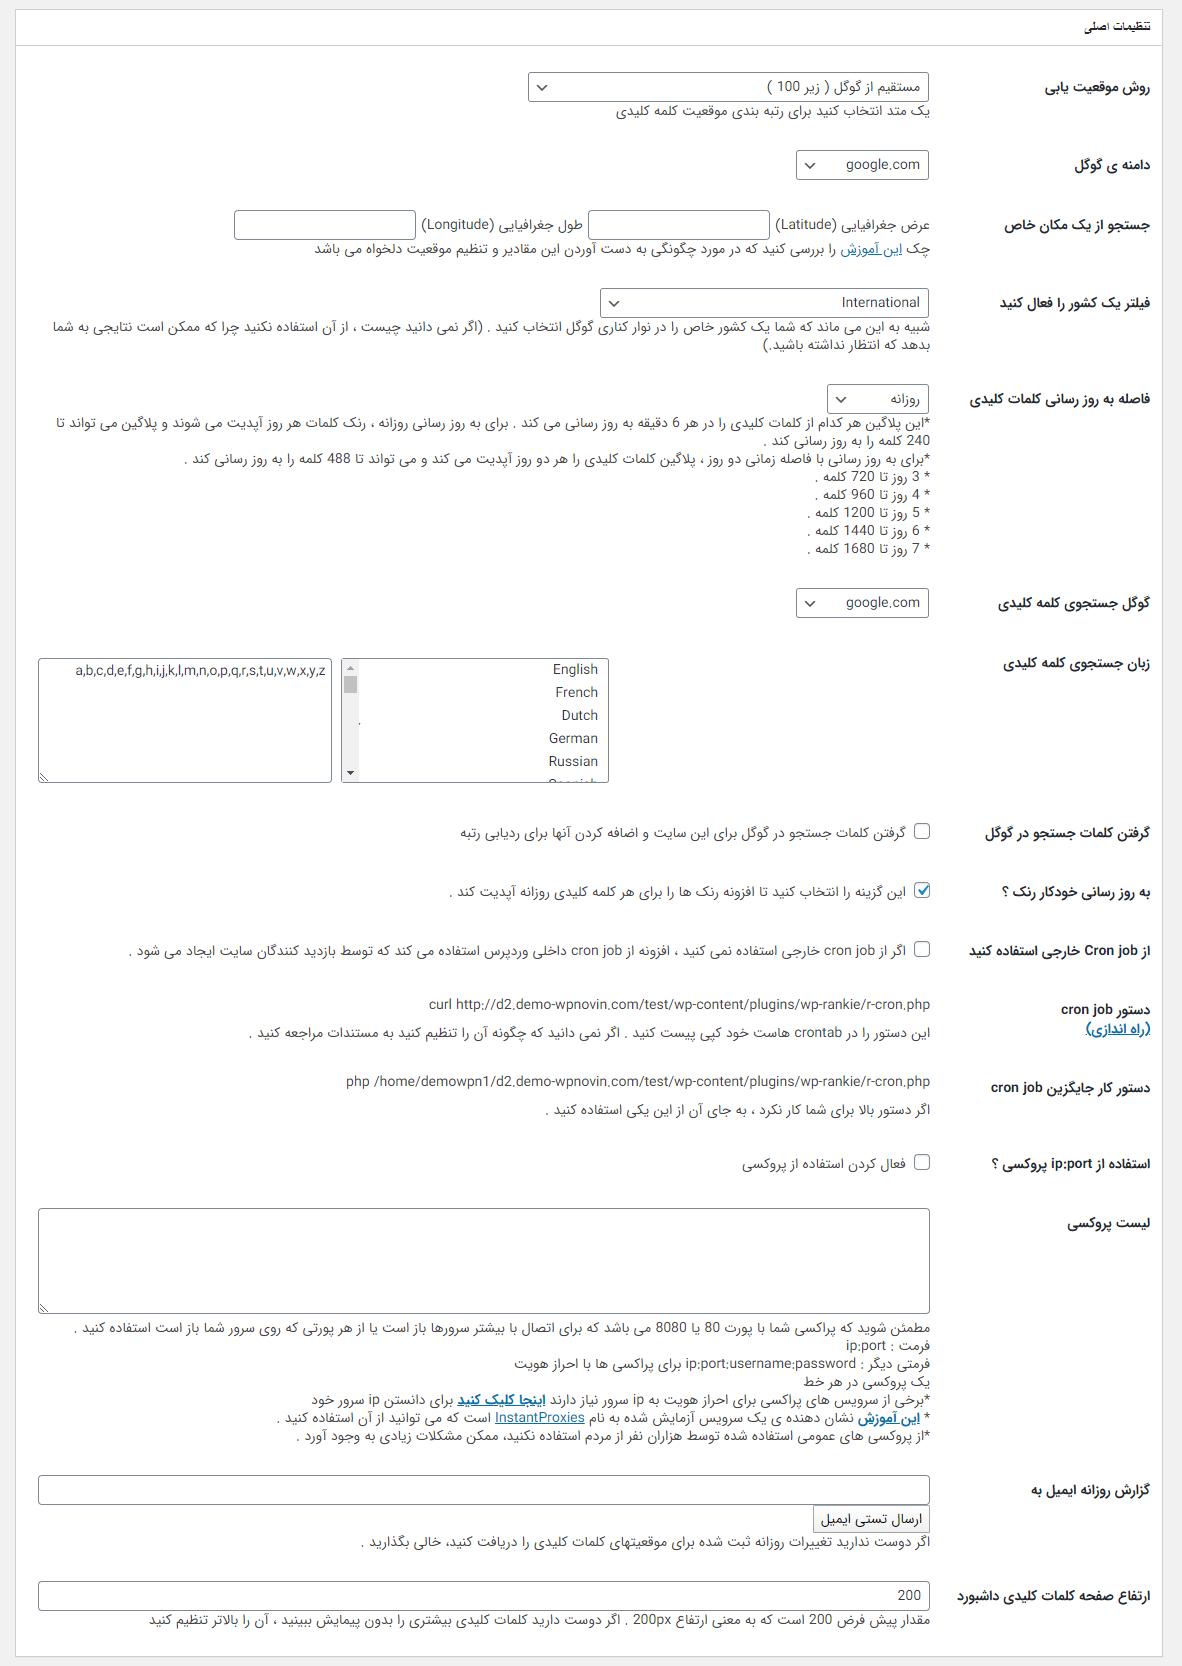 افزونه رنکی   افزونه ردیابی رتبه سایت در گوگل   نمایش رتبه سایت در گوگل   پلاگین Rankie   افزونه ردیابی رنک سایت در گوگل